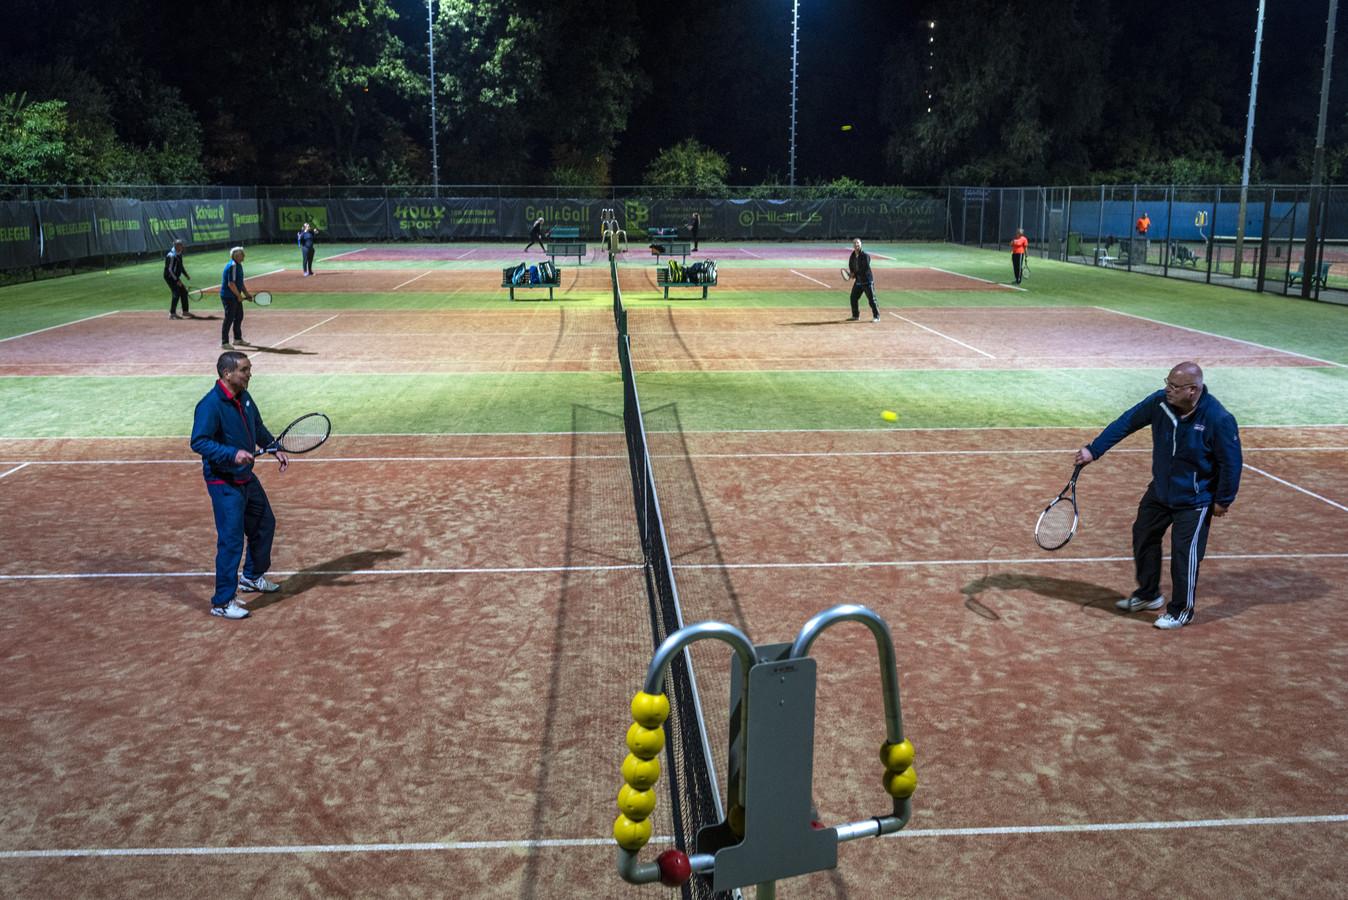 Bij Tennisclub Welgelegen in Warnsveld wordt vooral in de avonduren volop getennist.